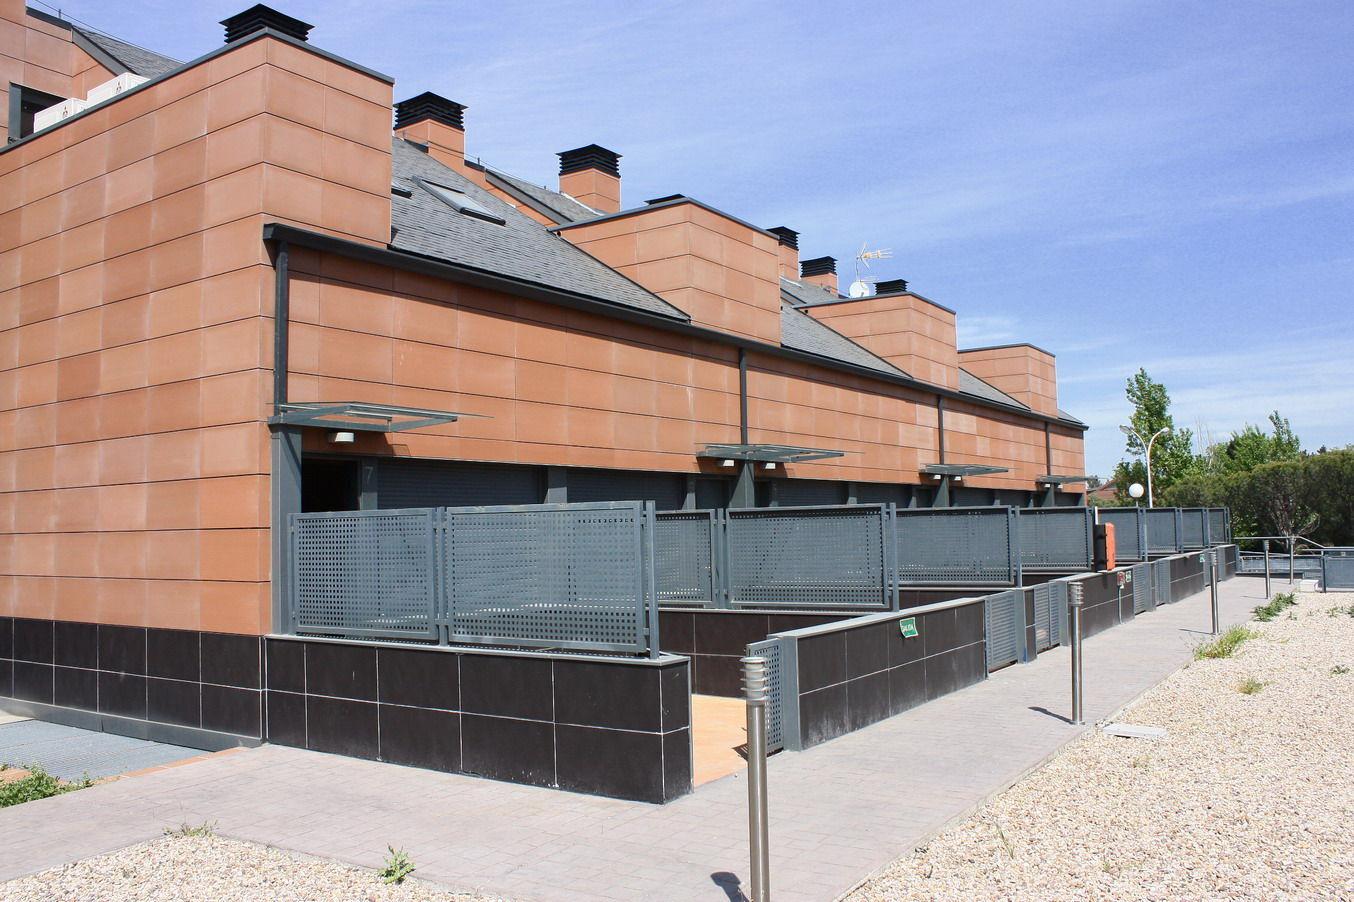 Foto 12 de Inmobiliarias en Madrid | Alvisa